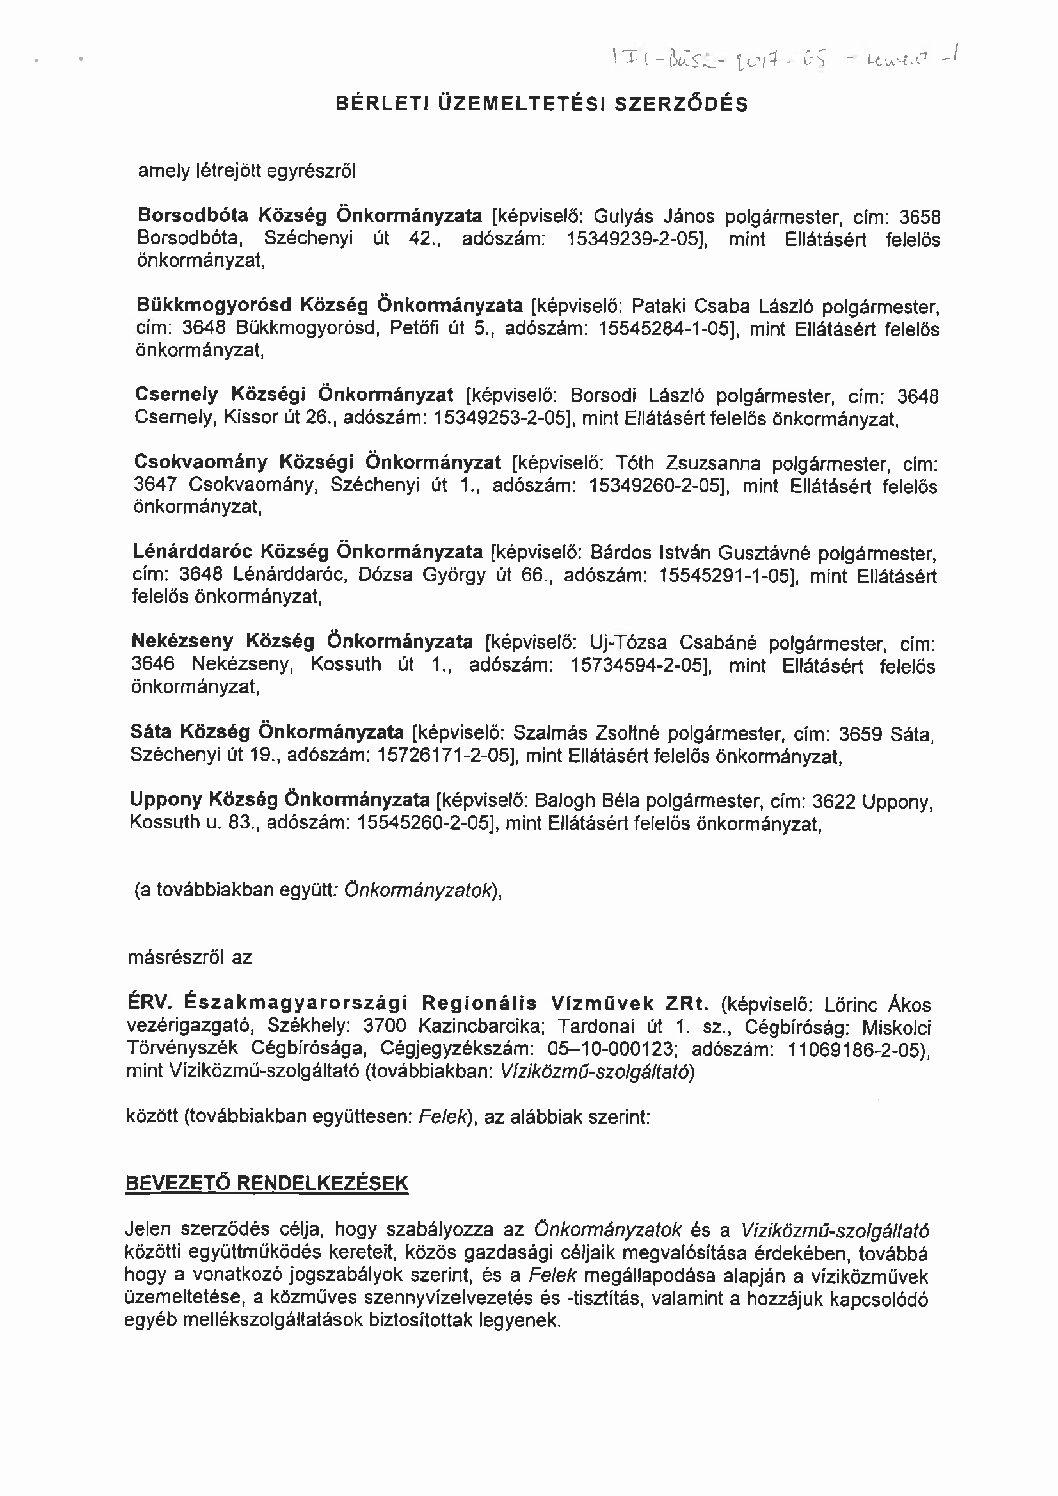 Borsodbót és társult települések szennyvízrendszer (SZ-36-B-1)